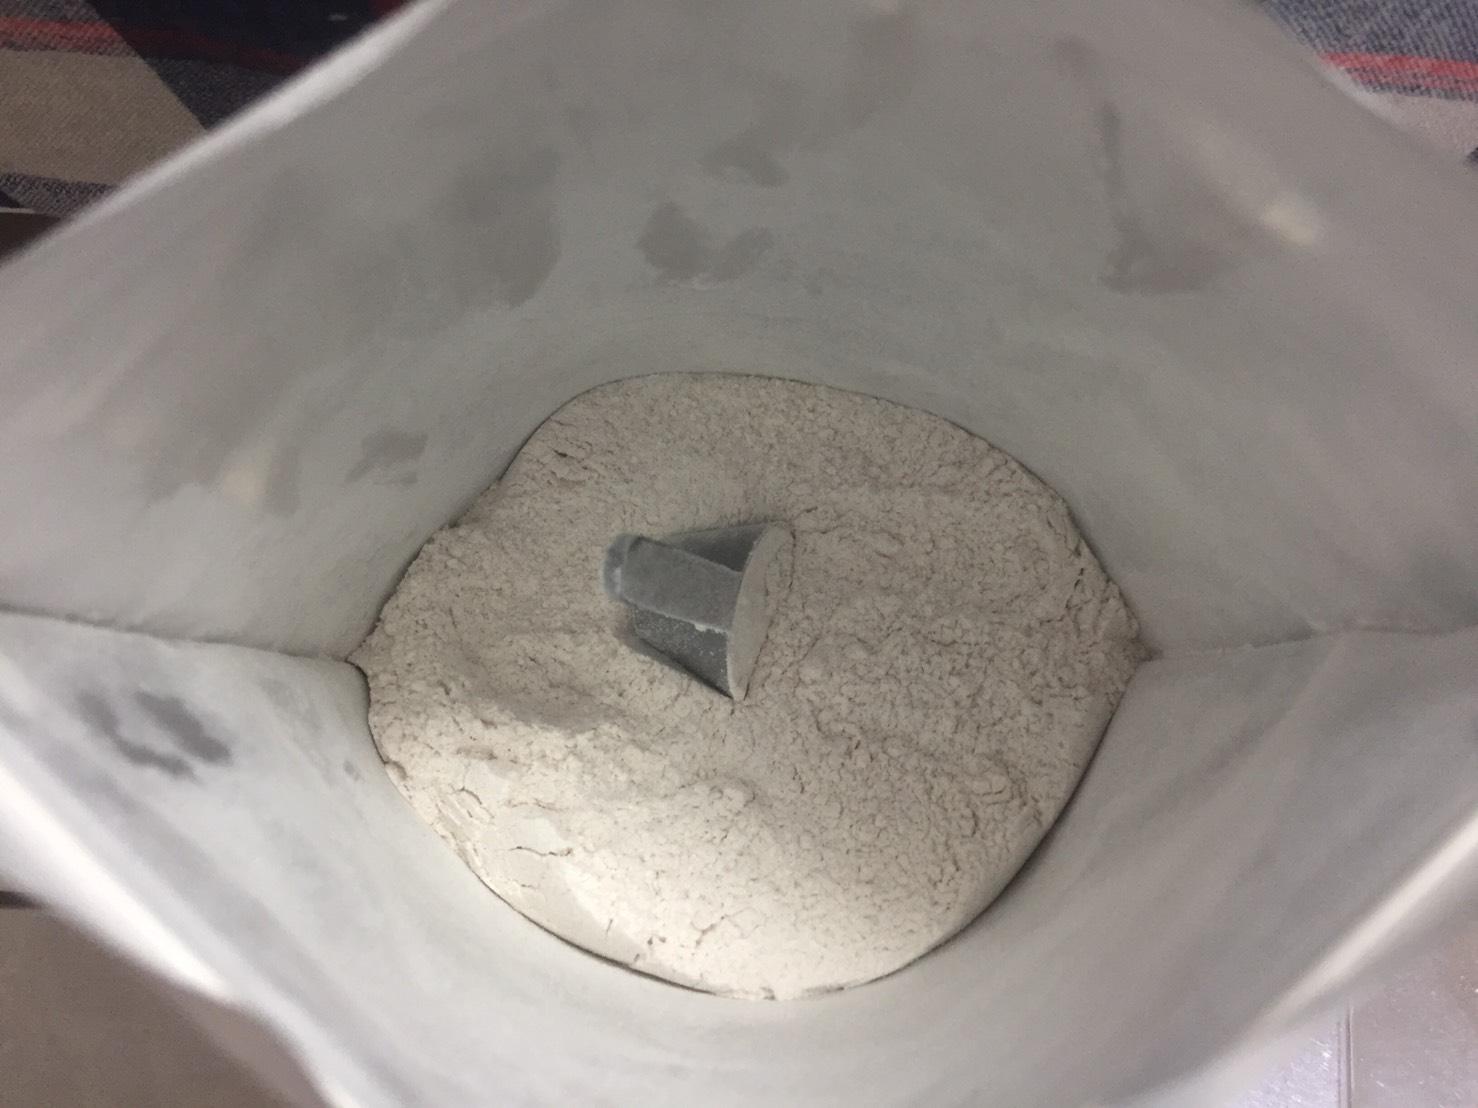 Impact EAAストロベリー&ライム味の粉末の様子